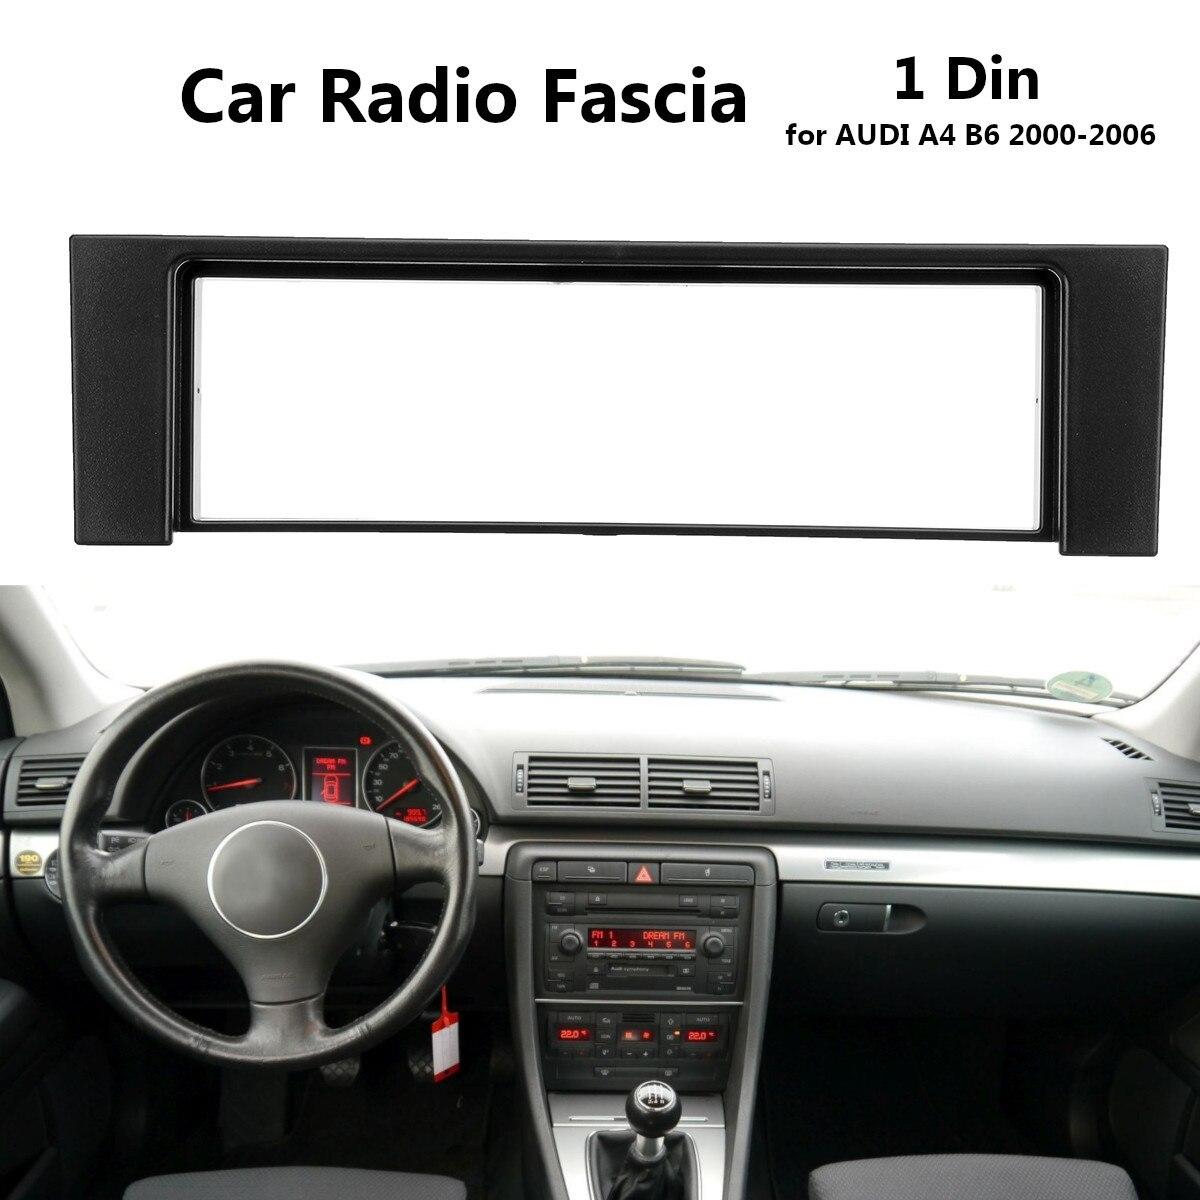 1 din rádio estéreo do carro fascia painel placa quadro adaptador para audi a4 b6 2000-2006 guarnição interior do carro